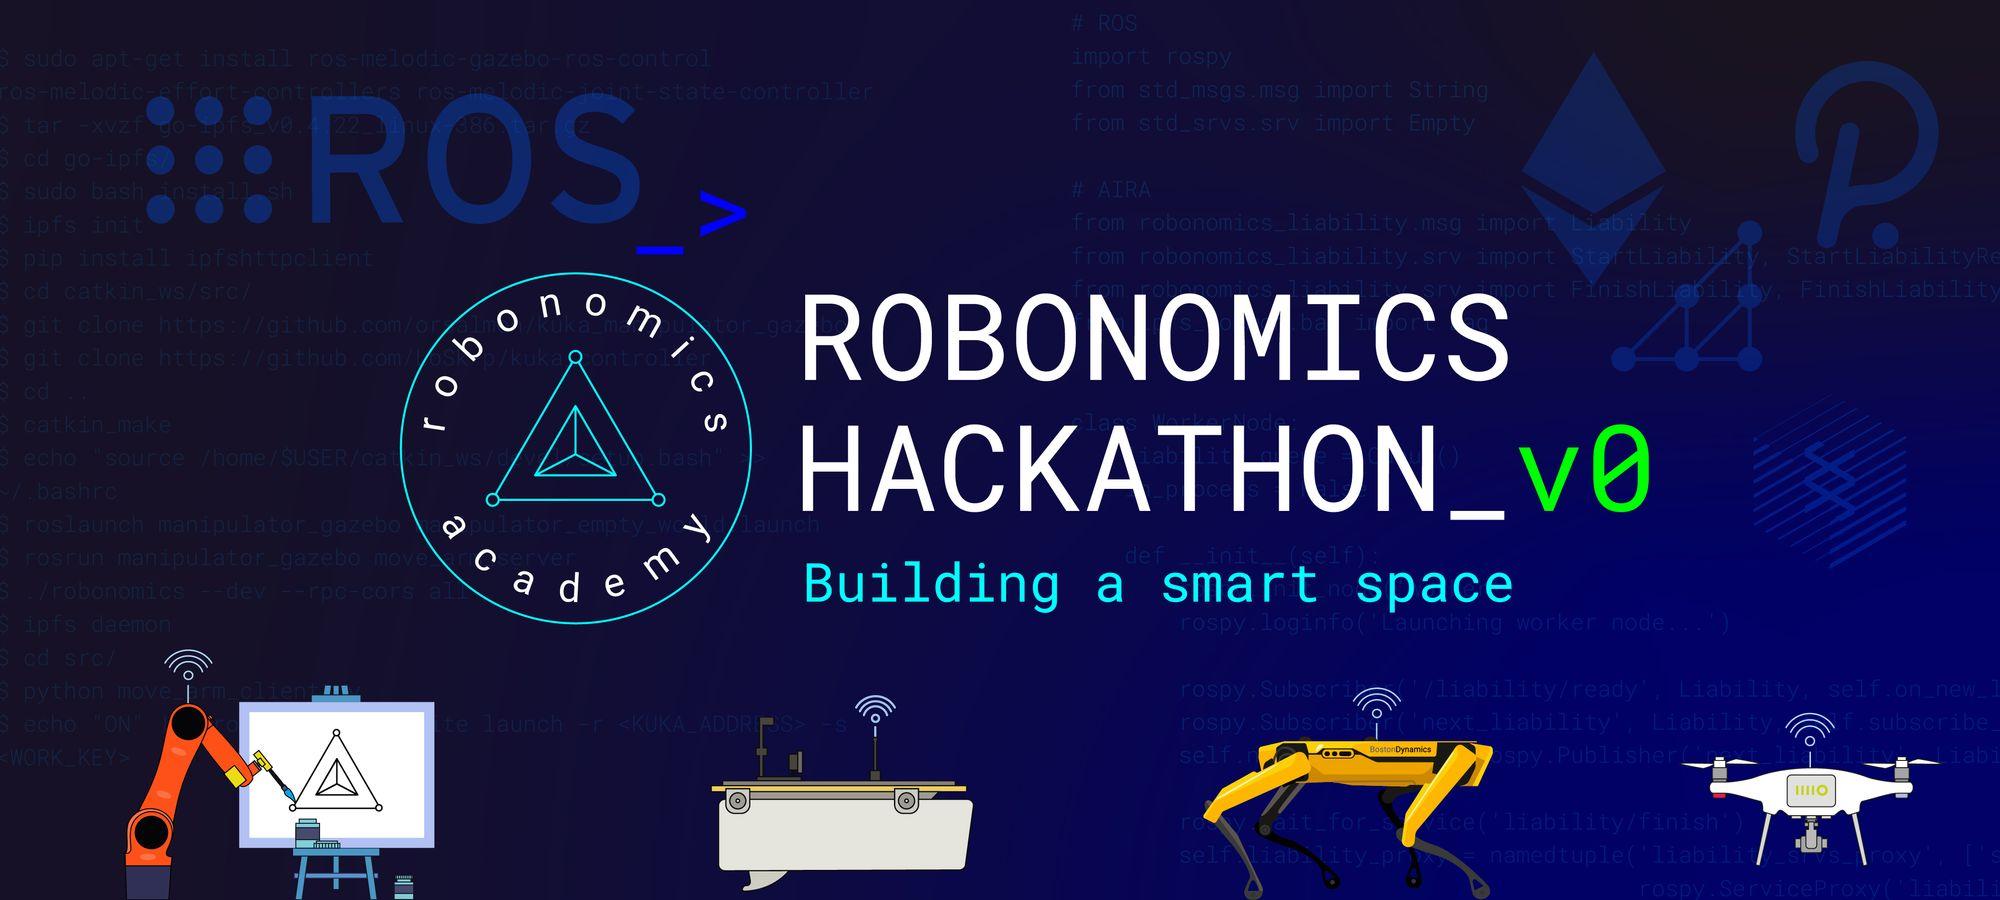 Robonomics Hackathon v0: building a smart place / Robonomics Network